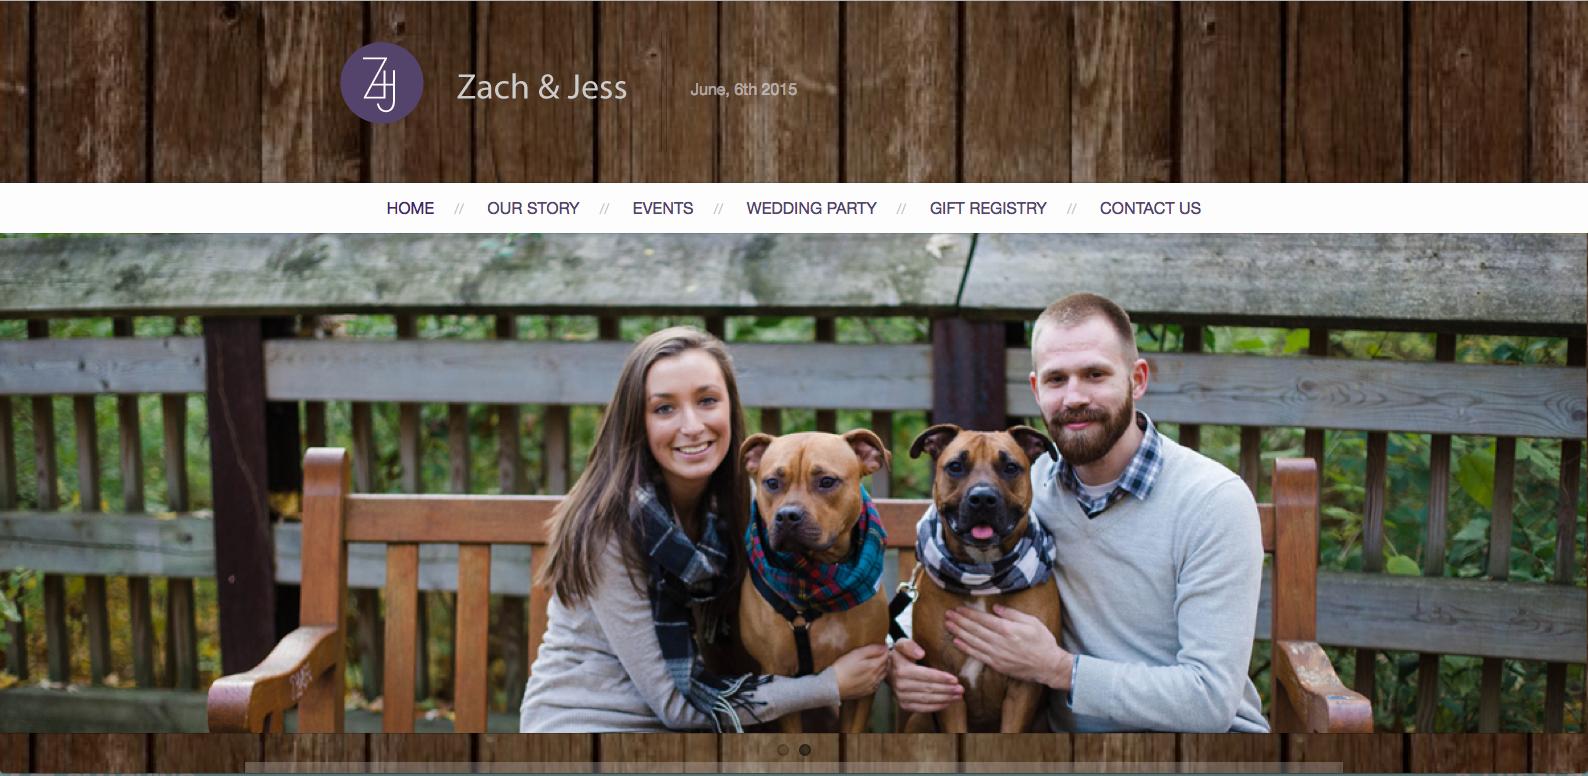 Zach and Jess Wedding Website